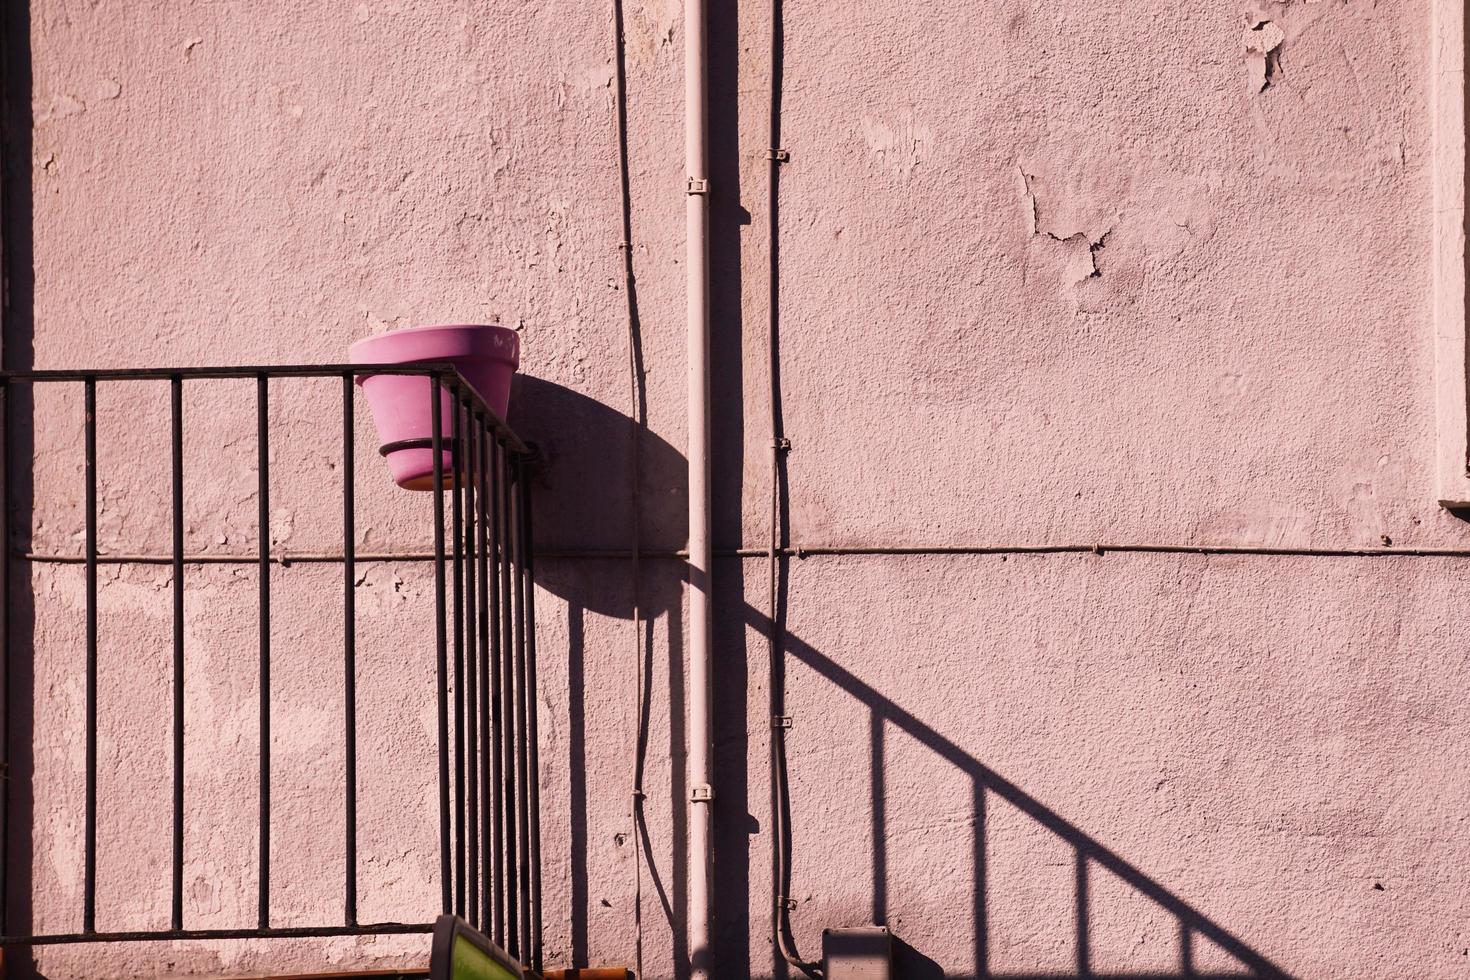 rosa Blumentopf auf einer rosa Wand foto